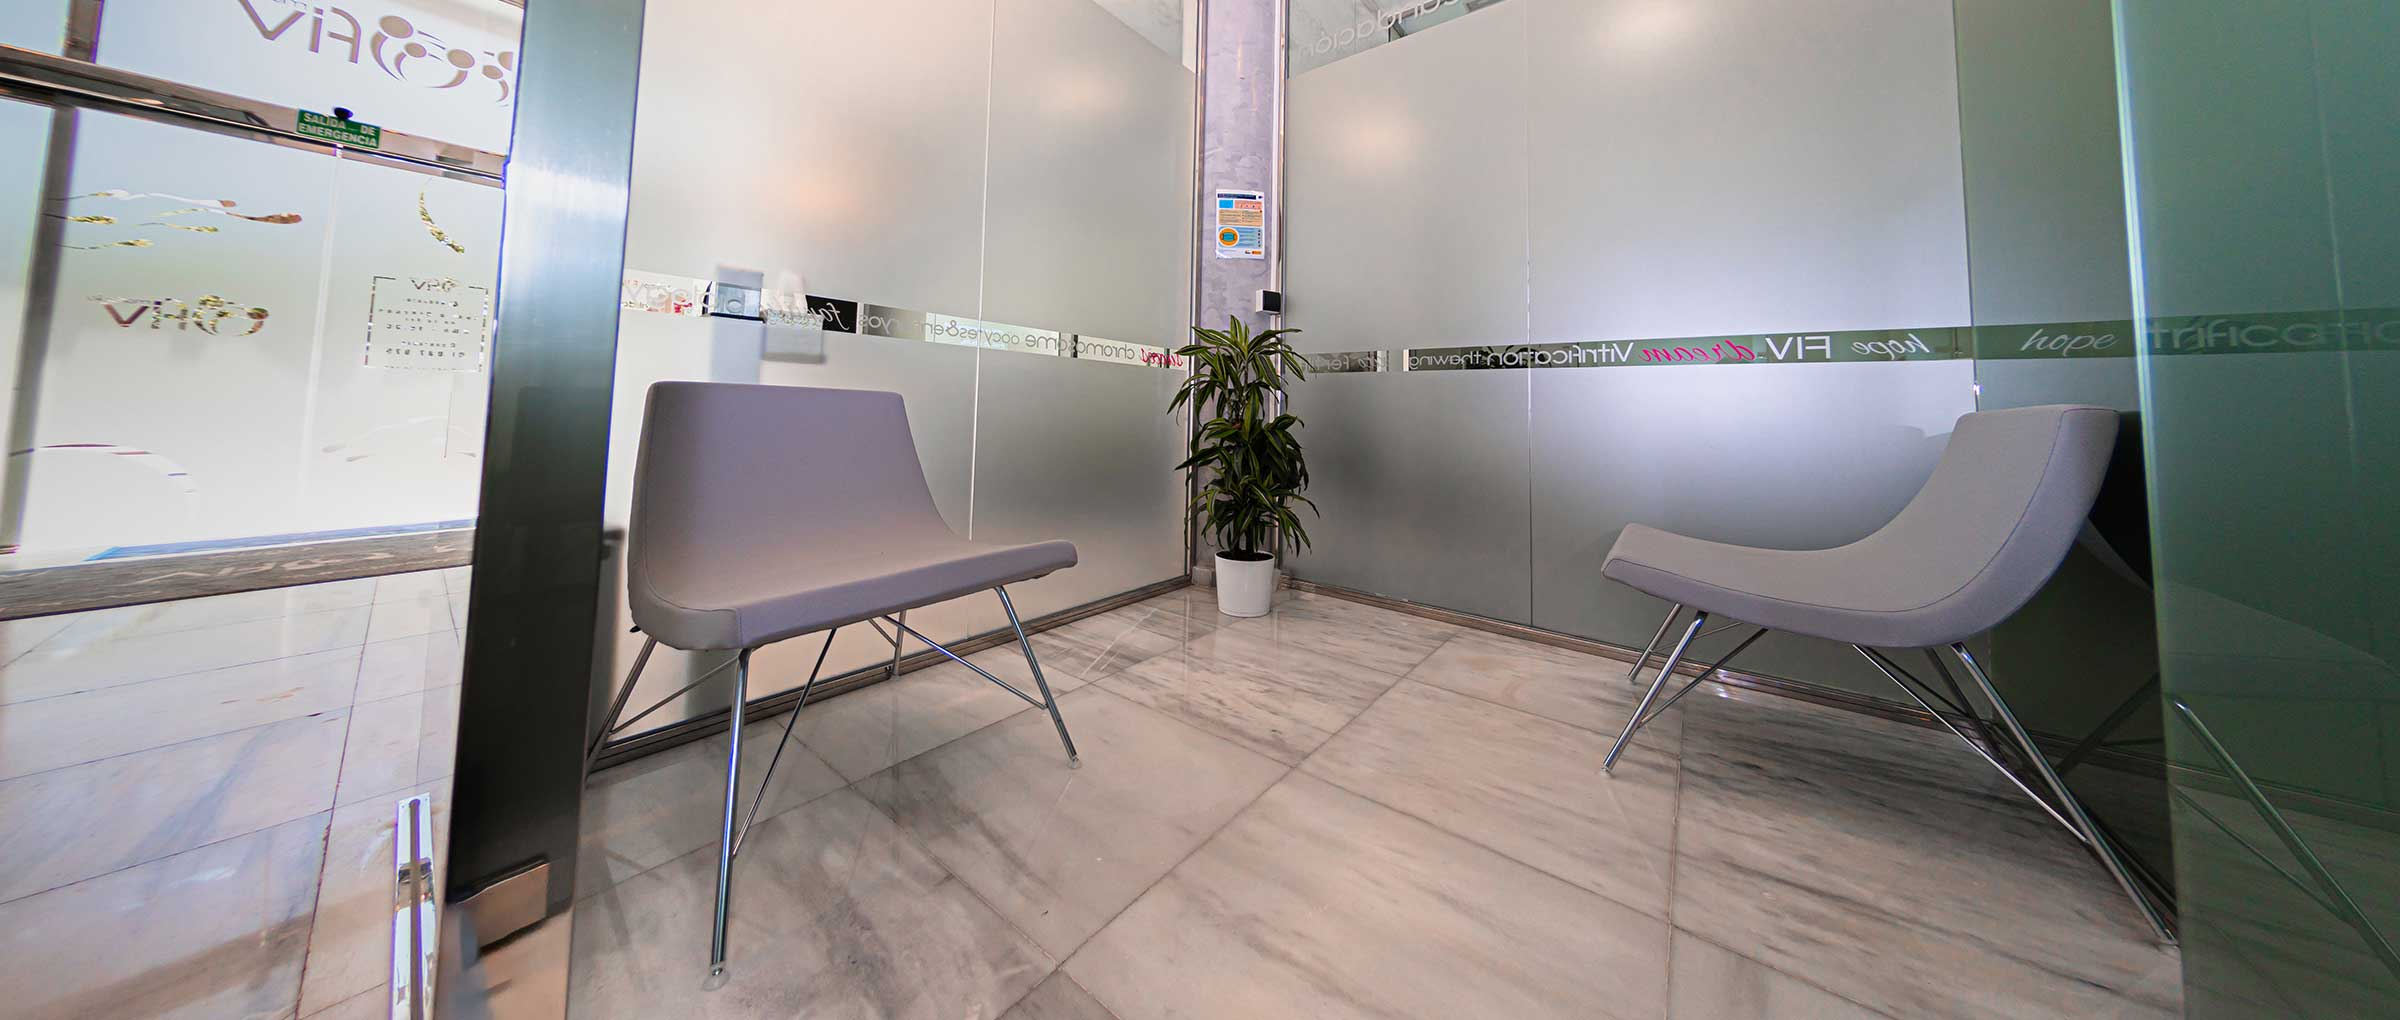 Sala de espera para donantes en Ovoclinic Marbella